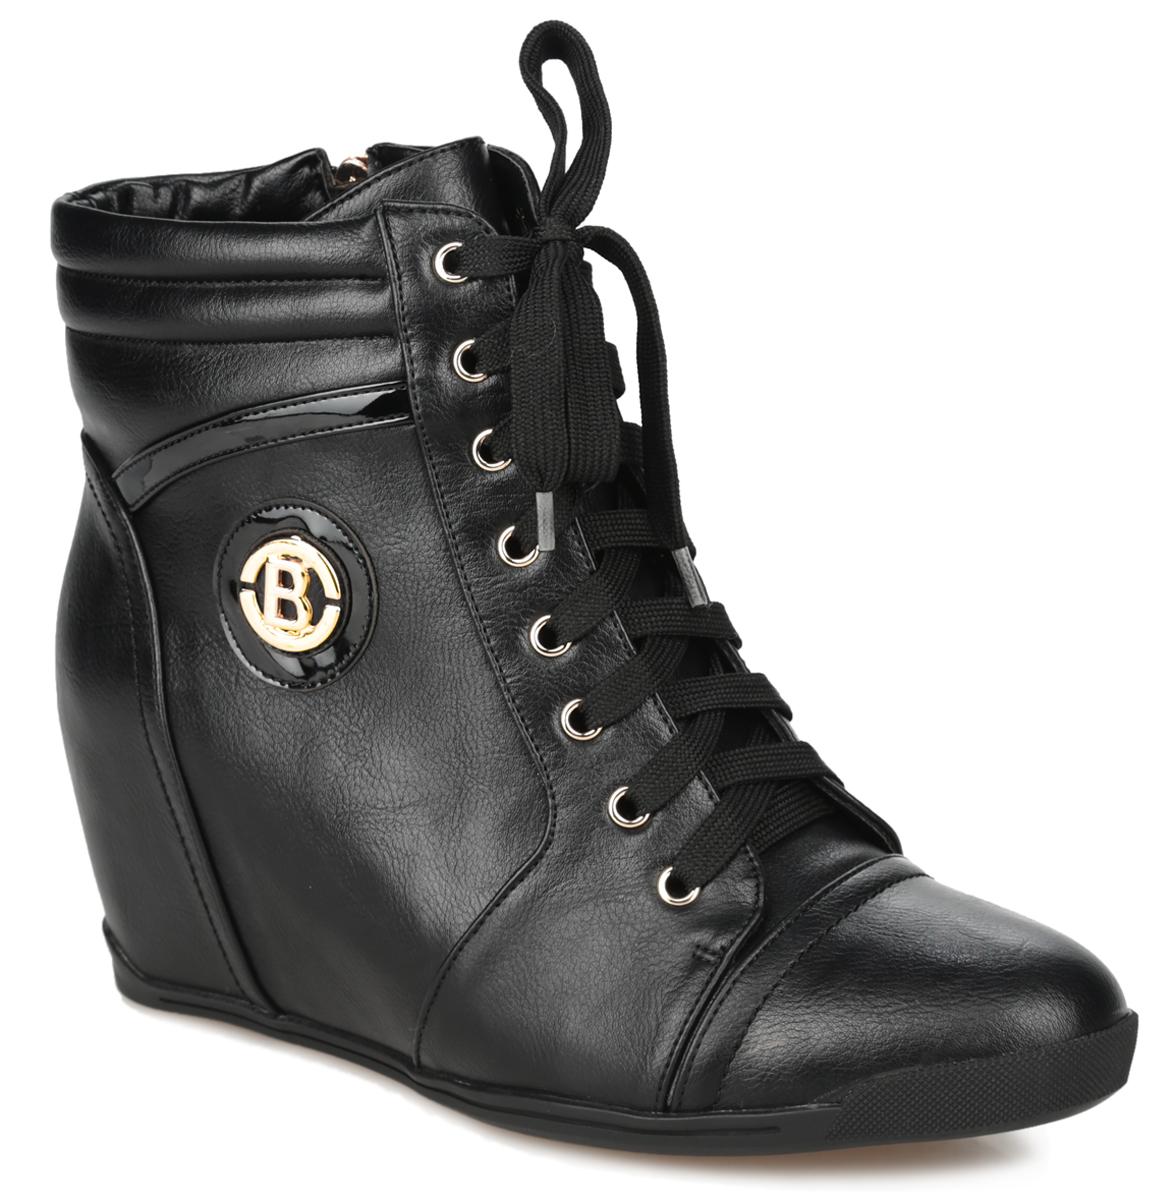 Сникерсы женские. 6721-02-1B6721-02-1BСтильные женские сникерсы от Inario не оставят равнодушной настоящую модницу! Модель изготовлена из искусственной кожи. Внутренняя часть и стелька - из байки, защитят ноги от холода и обеспечат комфорт. Верх изделия оформлен шнуровкой, которая прочно зафиксирует модель на вашей ноге. Сбоку изделие дополнено декоративной вставкой из искусственной лаковой кожи и декоративным металлическим элементом в виде буквы B. Объем голенища декорирован складками. Сникерсы застегиваются на застежку-молнию. Подошва из полимера с рельефным протектором обеспечивает отличное сцепление на любой поверхности. В этих сникерсах вашим ногам будет комфортно и уютно. Они подчеркнут ваш стиль и индивидуальность.